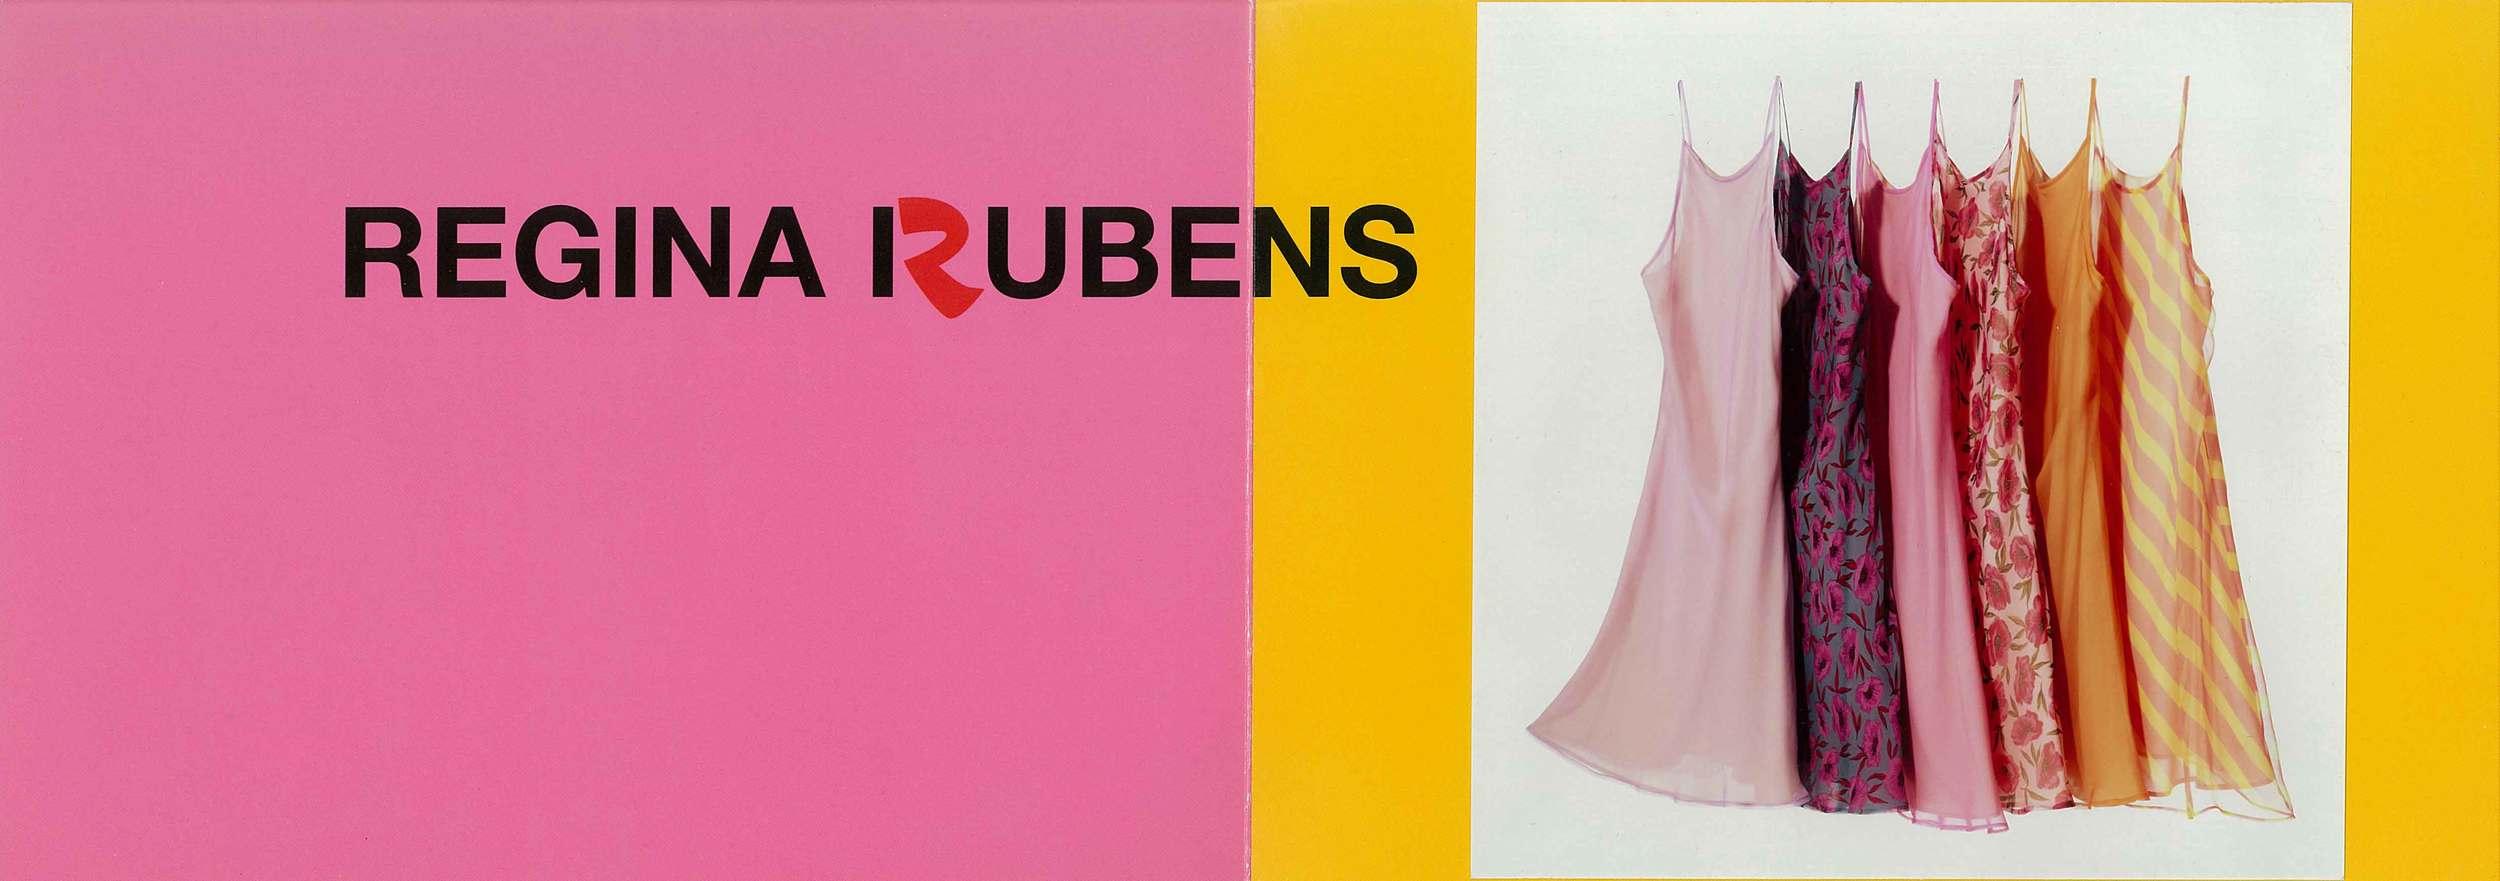 Rubens-2.jpg